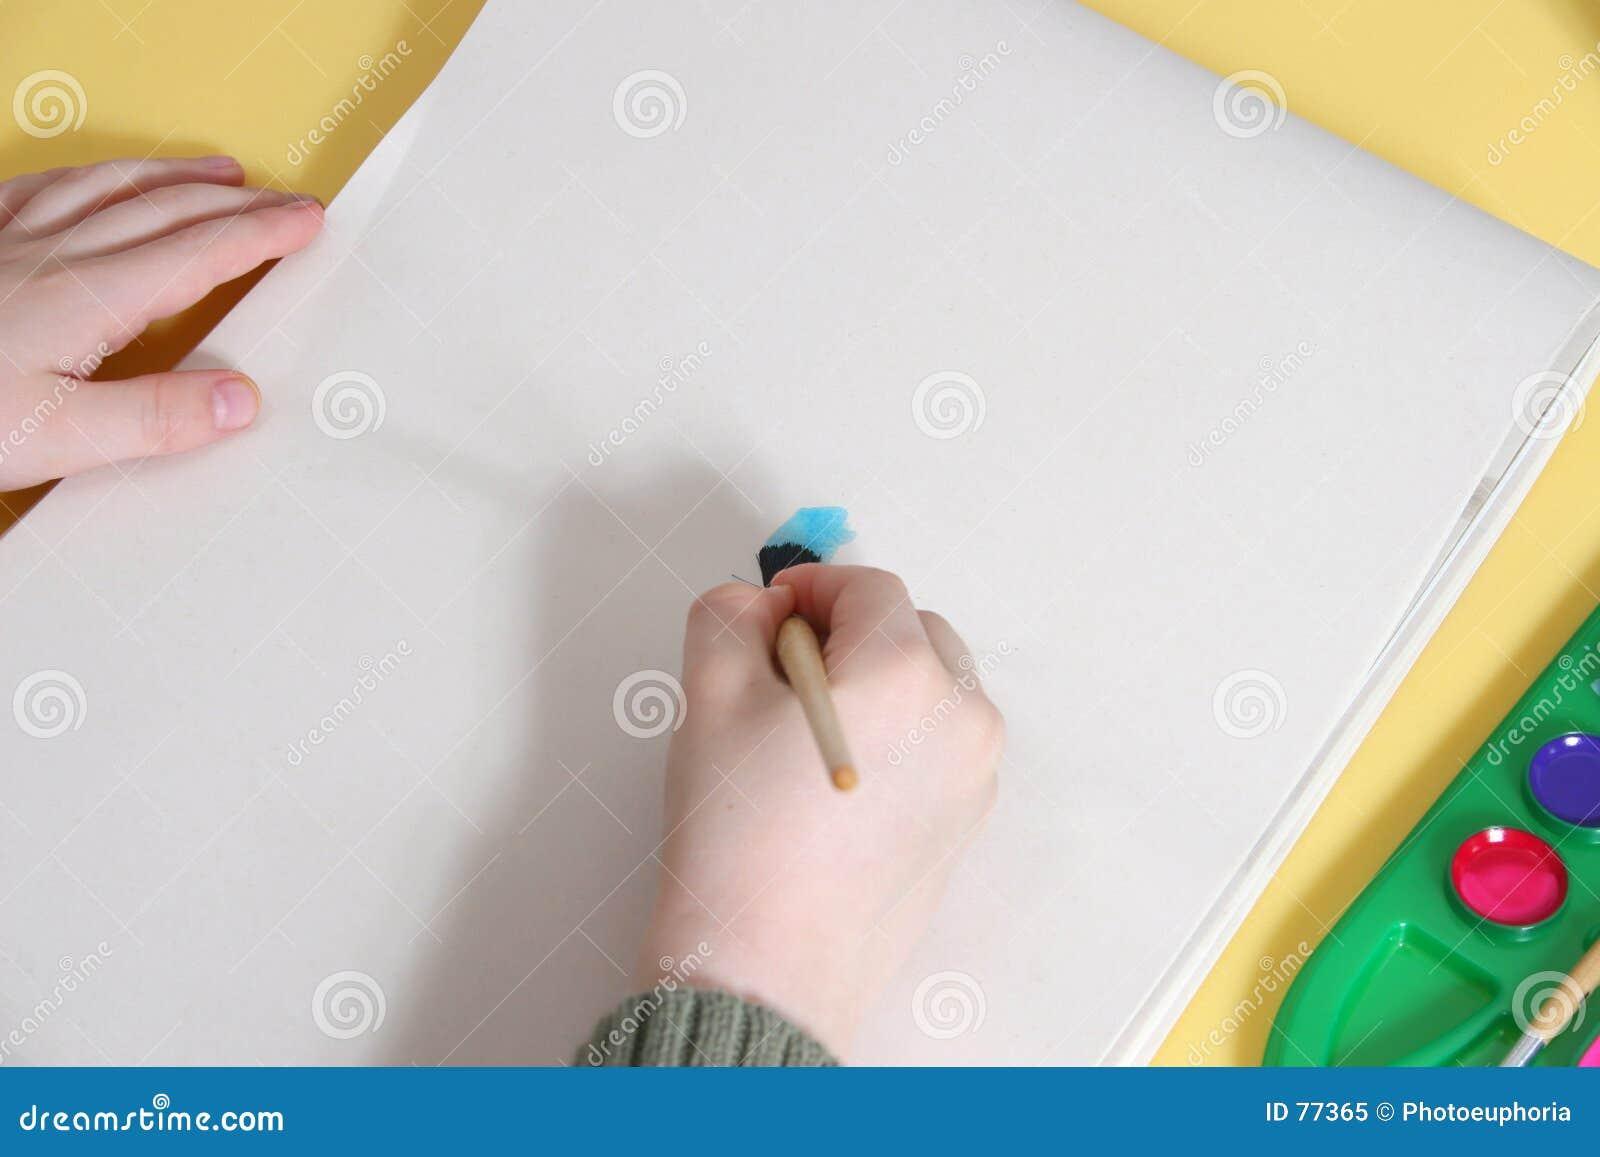 Podaj chłopca malować s tablicę